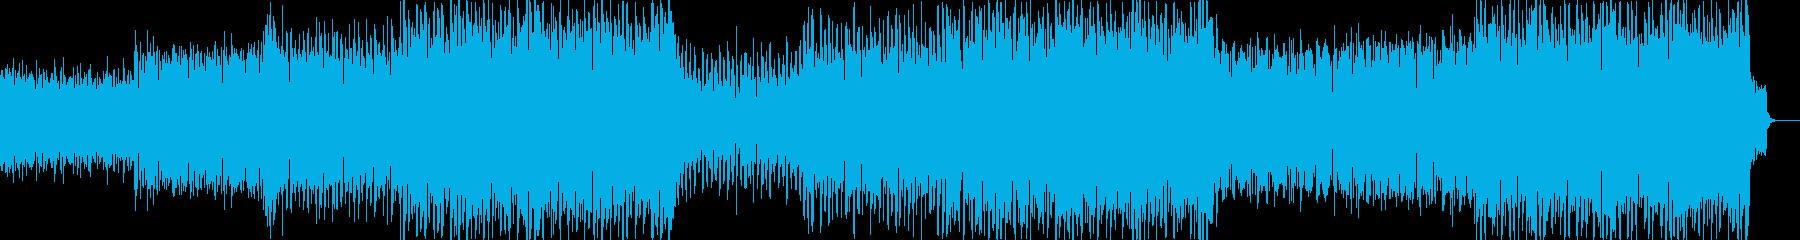 EDM、明るい躍動感、未来、希望-09の再生済みの波形